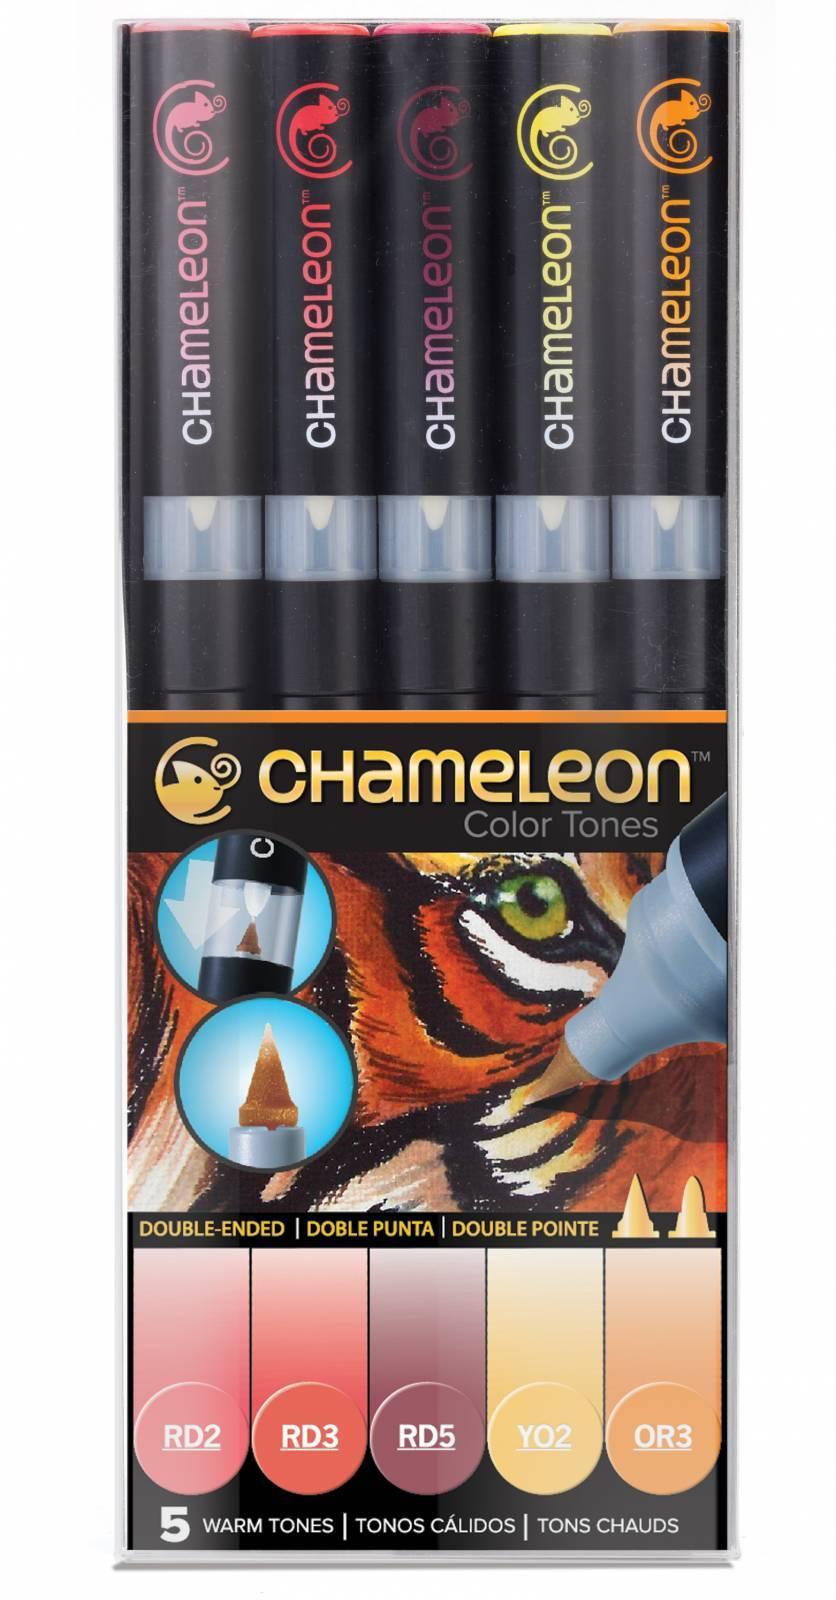 Kit Chameleon 5 canetas - Tons Quentes - Papelaria Botafogo